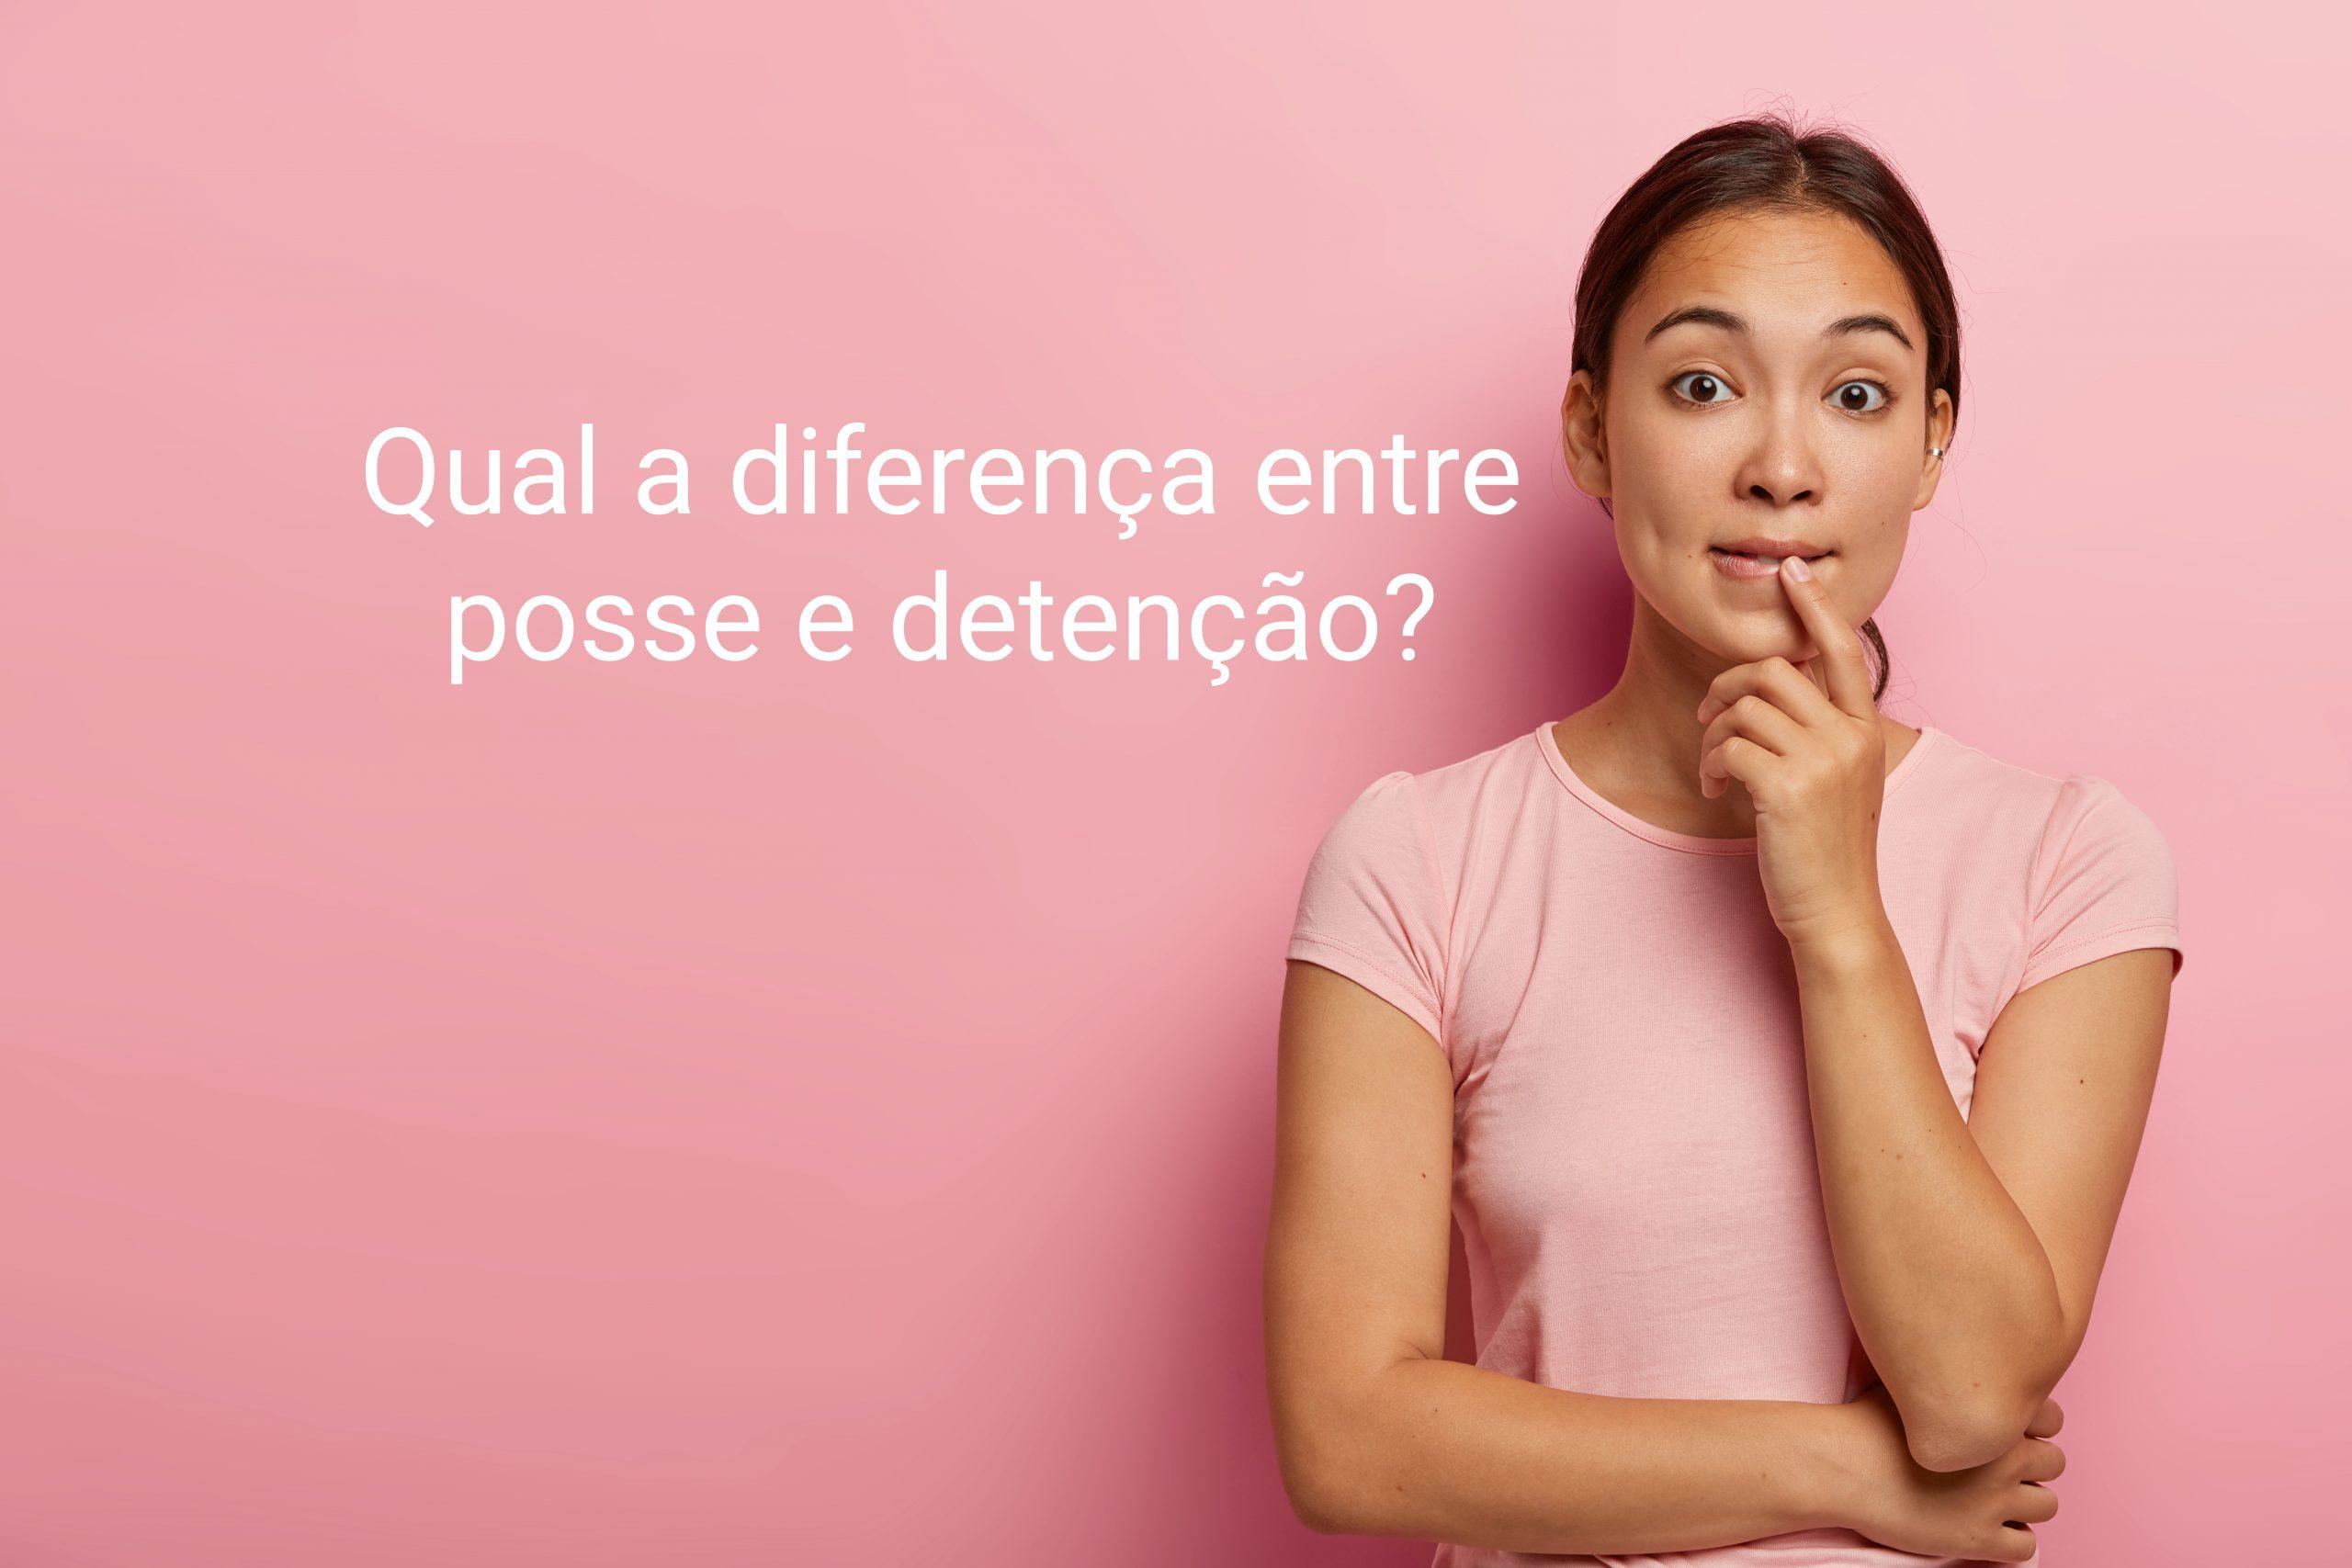 Qual a diferença entre posse e detenção?